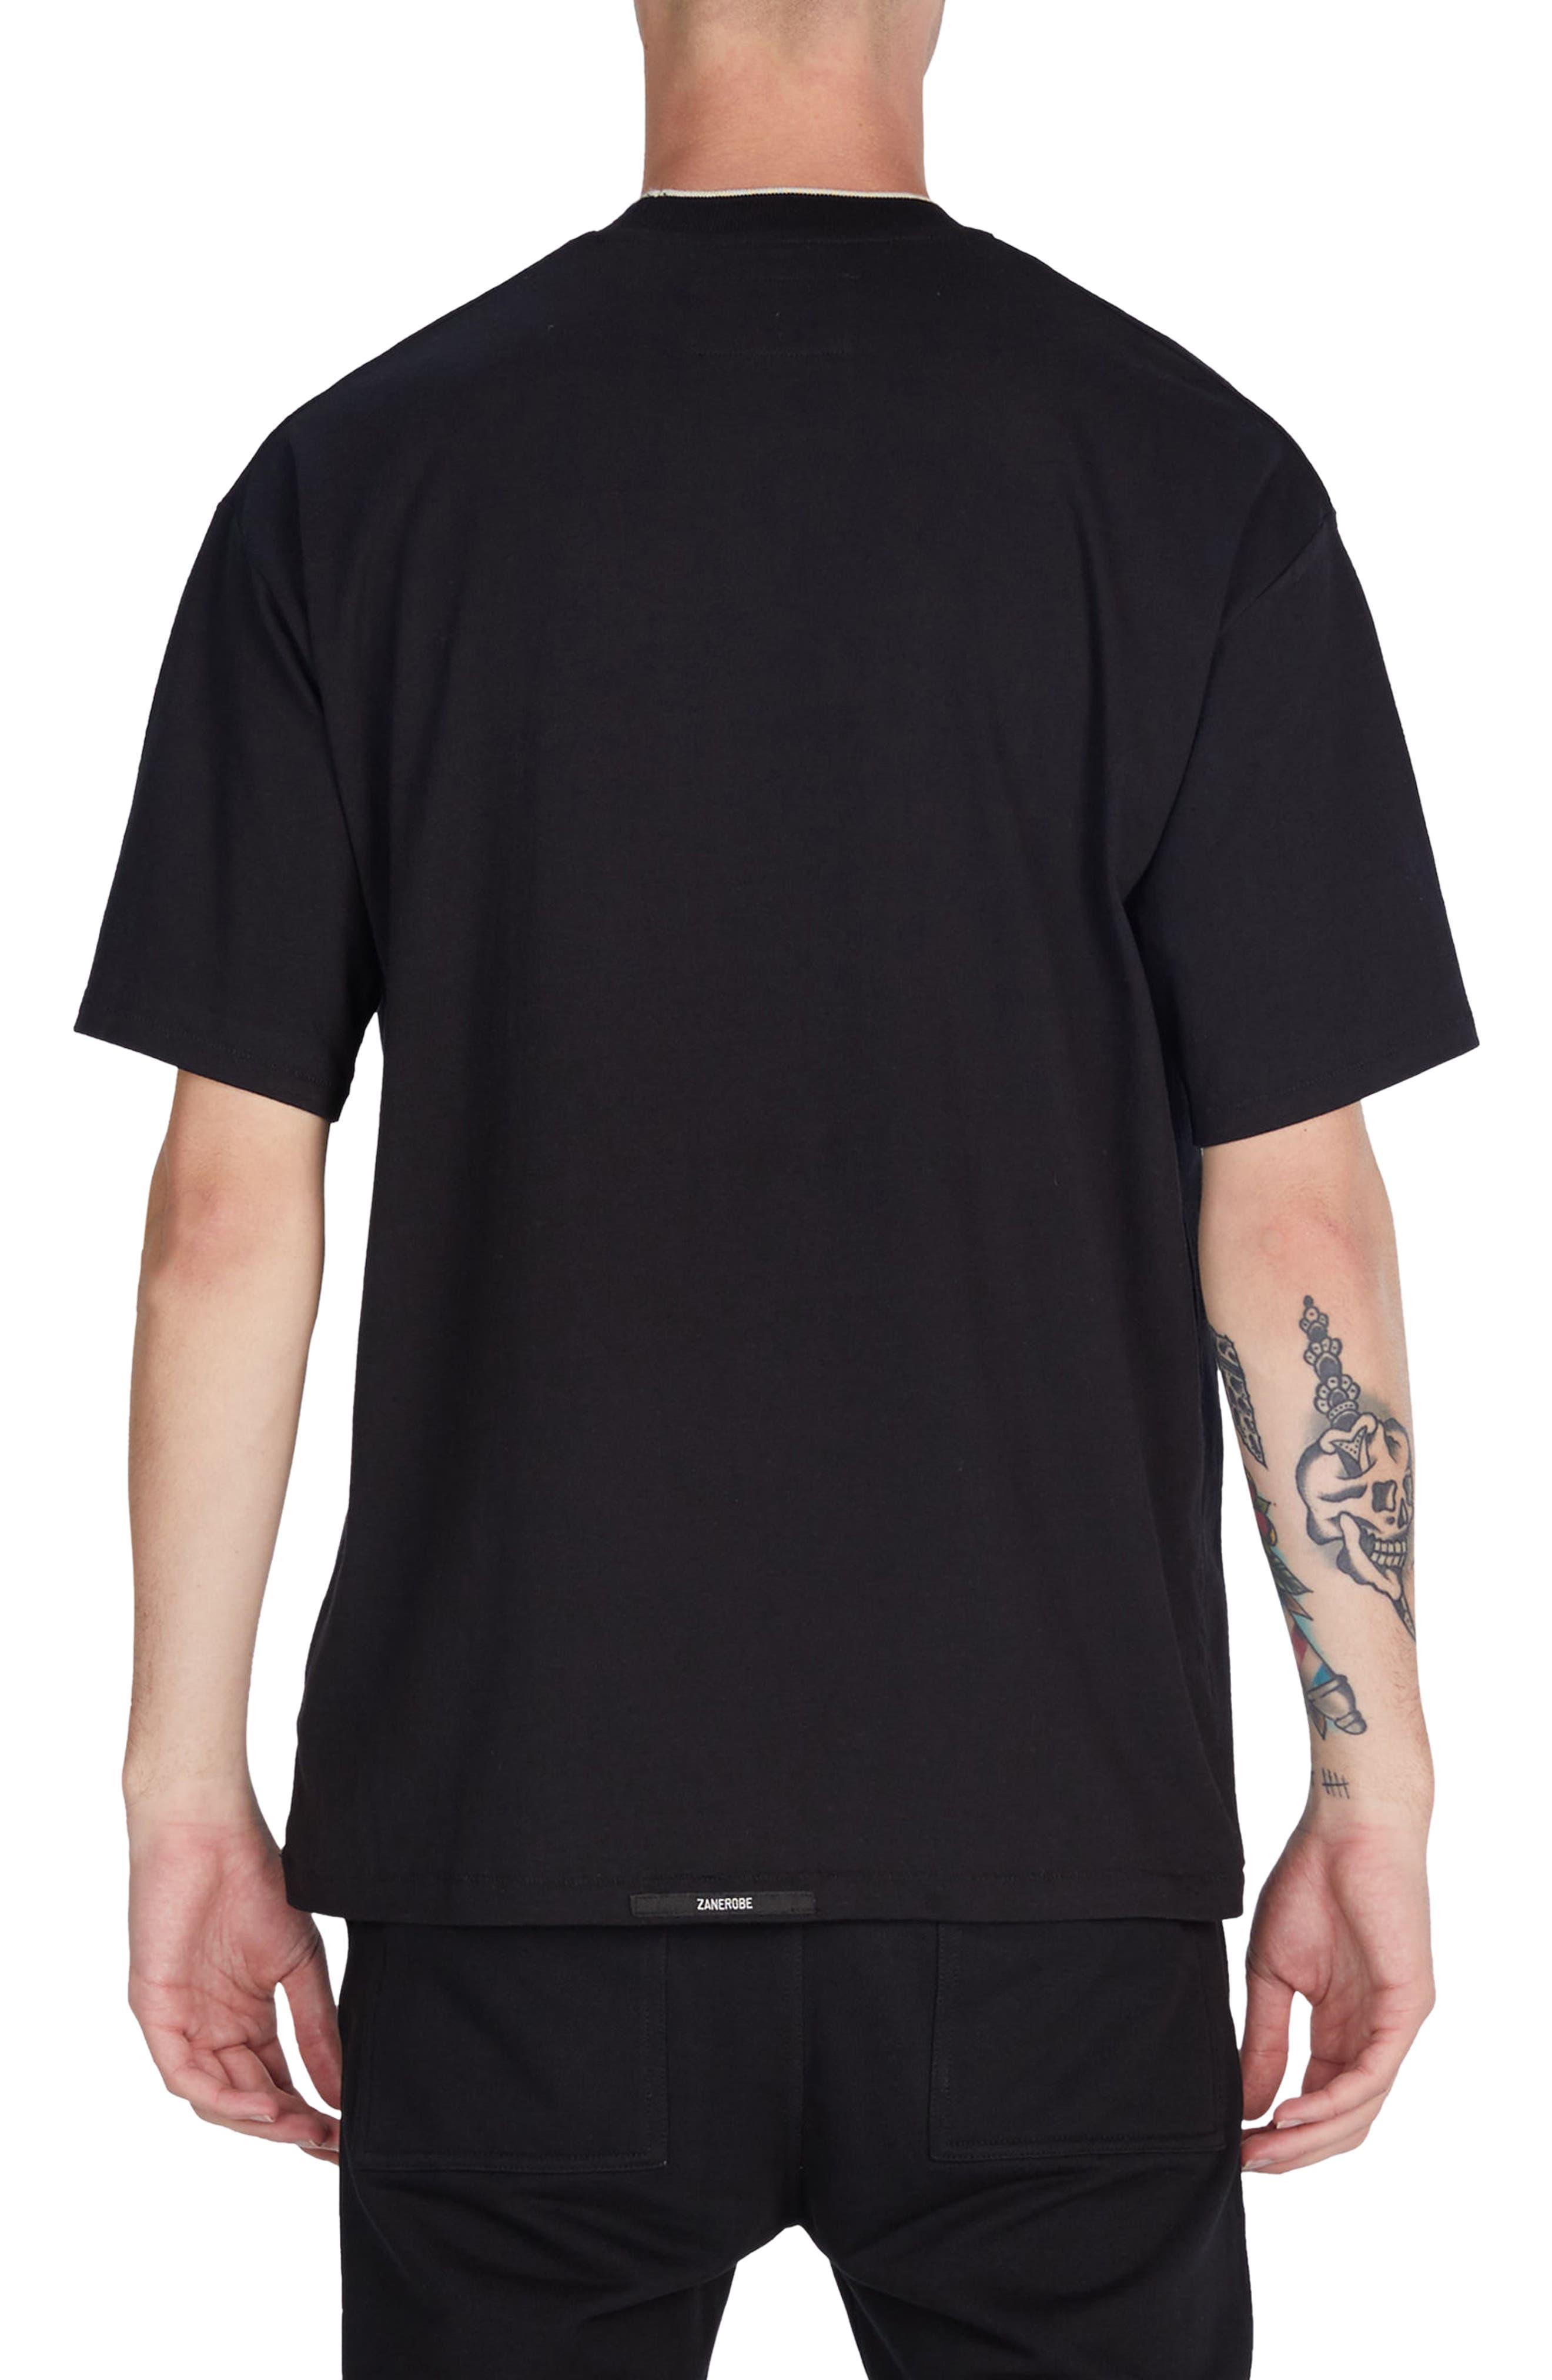 Tip Box T-Shirt,                             Alternate thumbnail 2, color,                             001